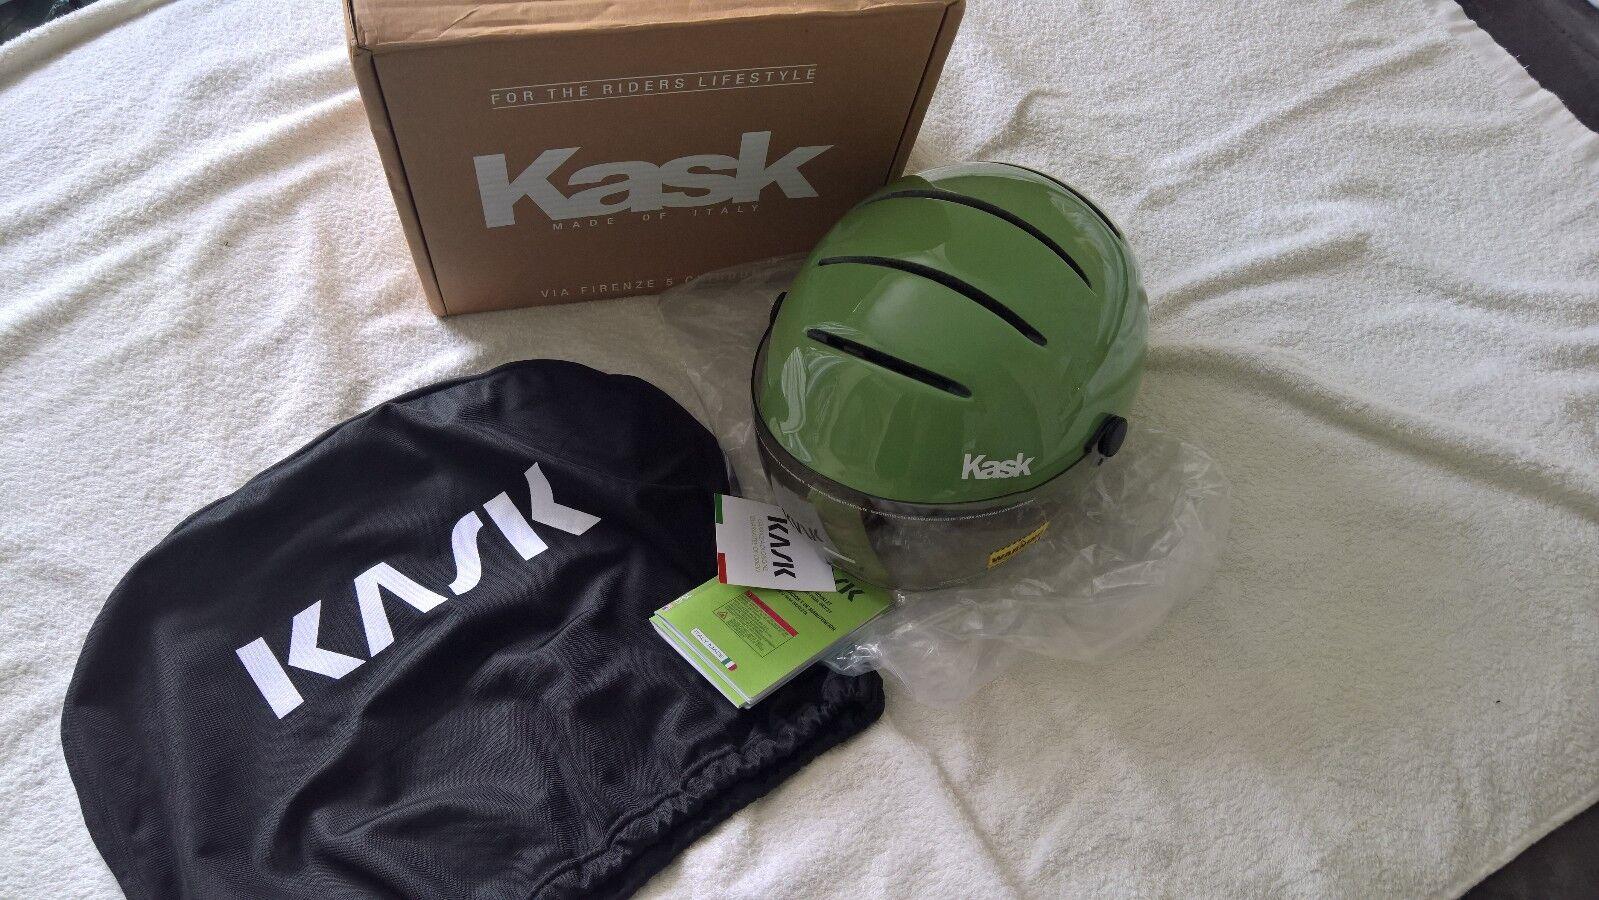 Kask Helmet - Lifestyle - Green  XXS - M - 51 - 58cm